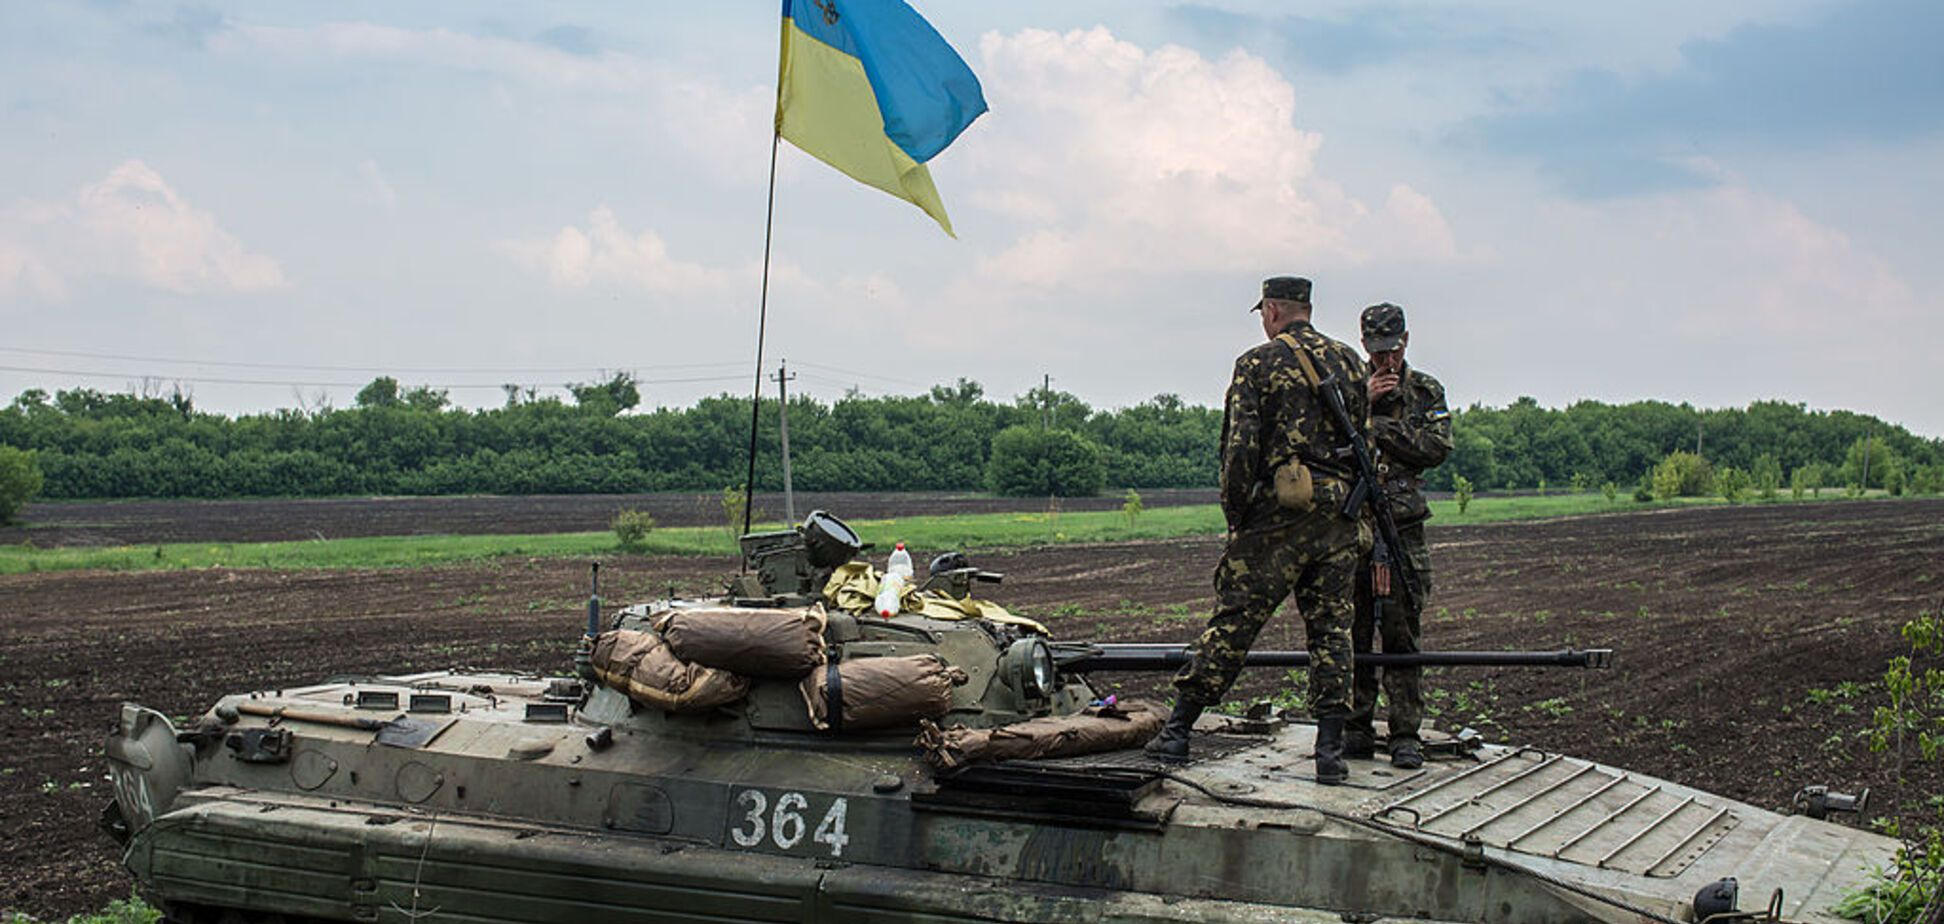 Ситуация в АТО обострилась: есть раненый среди украинских военных